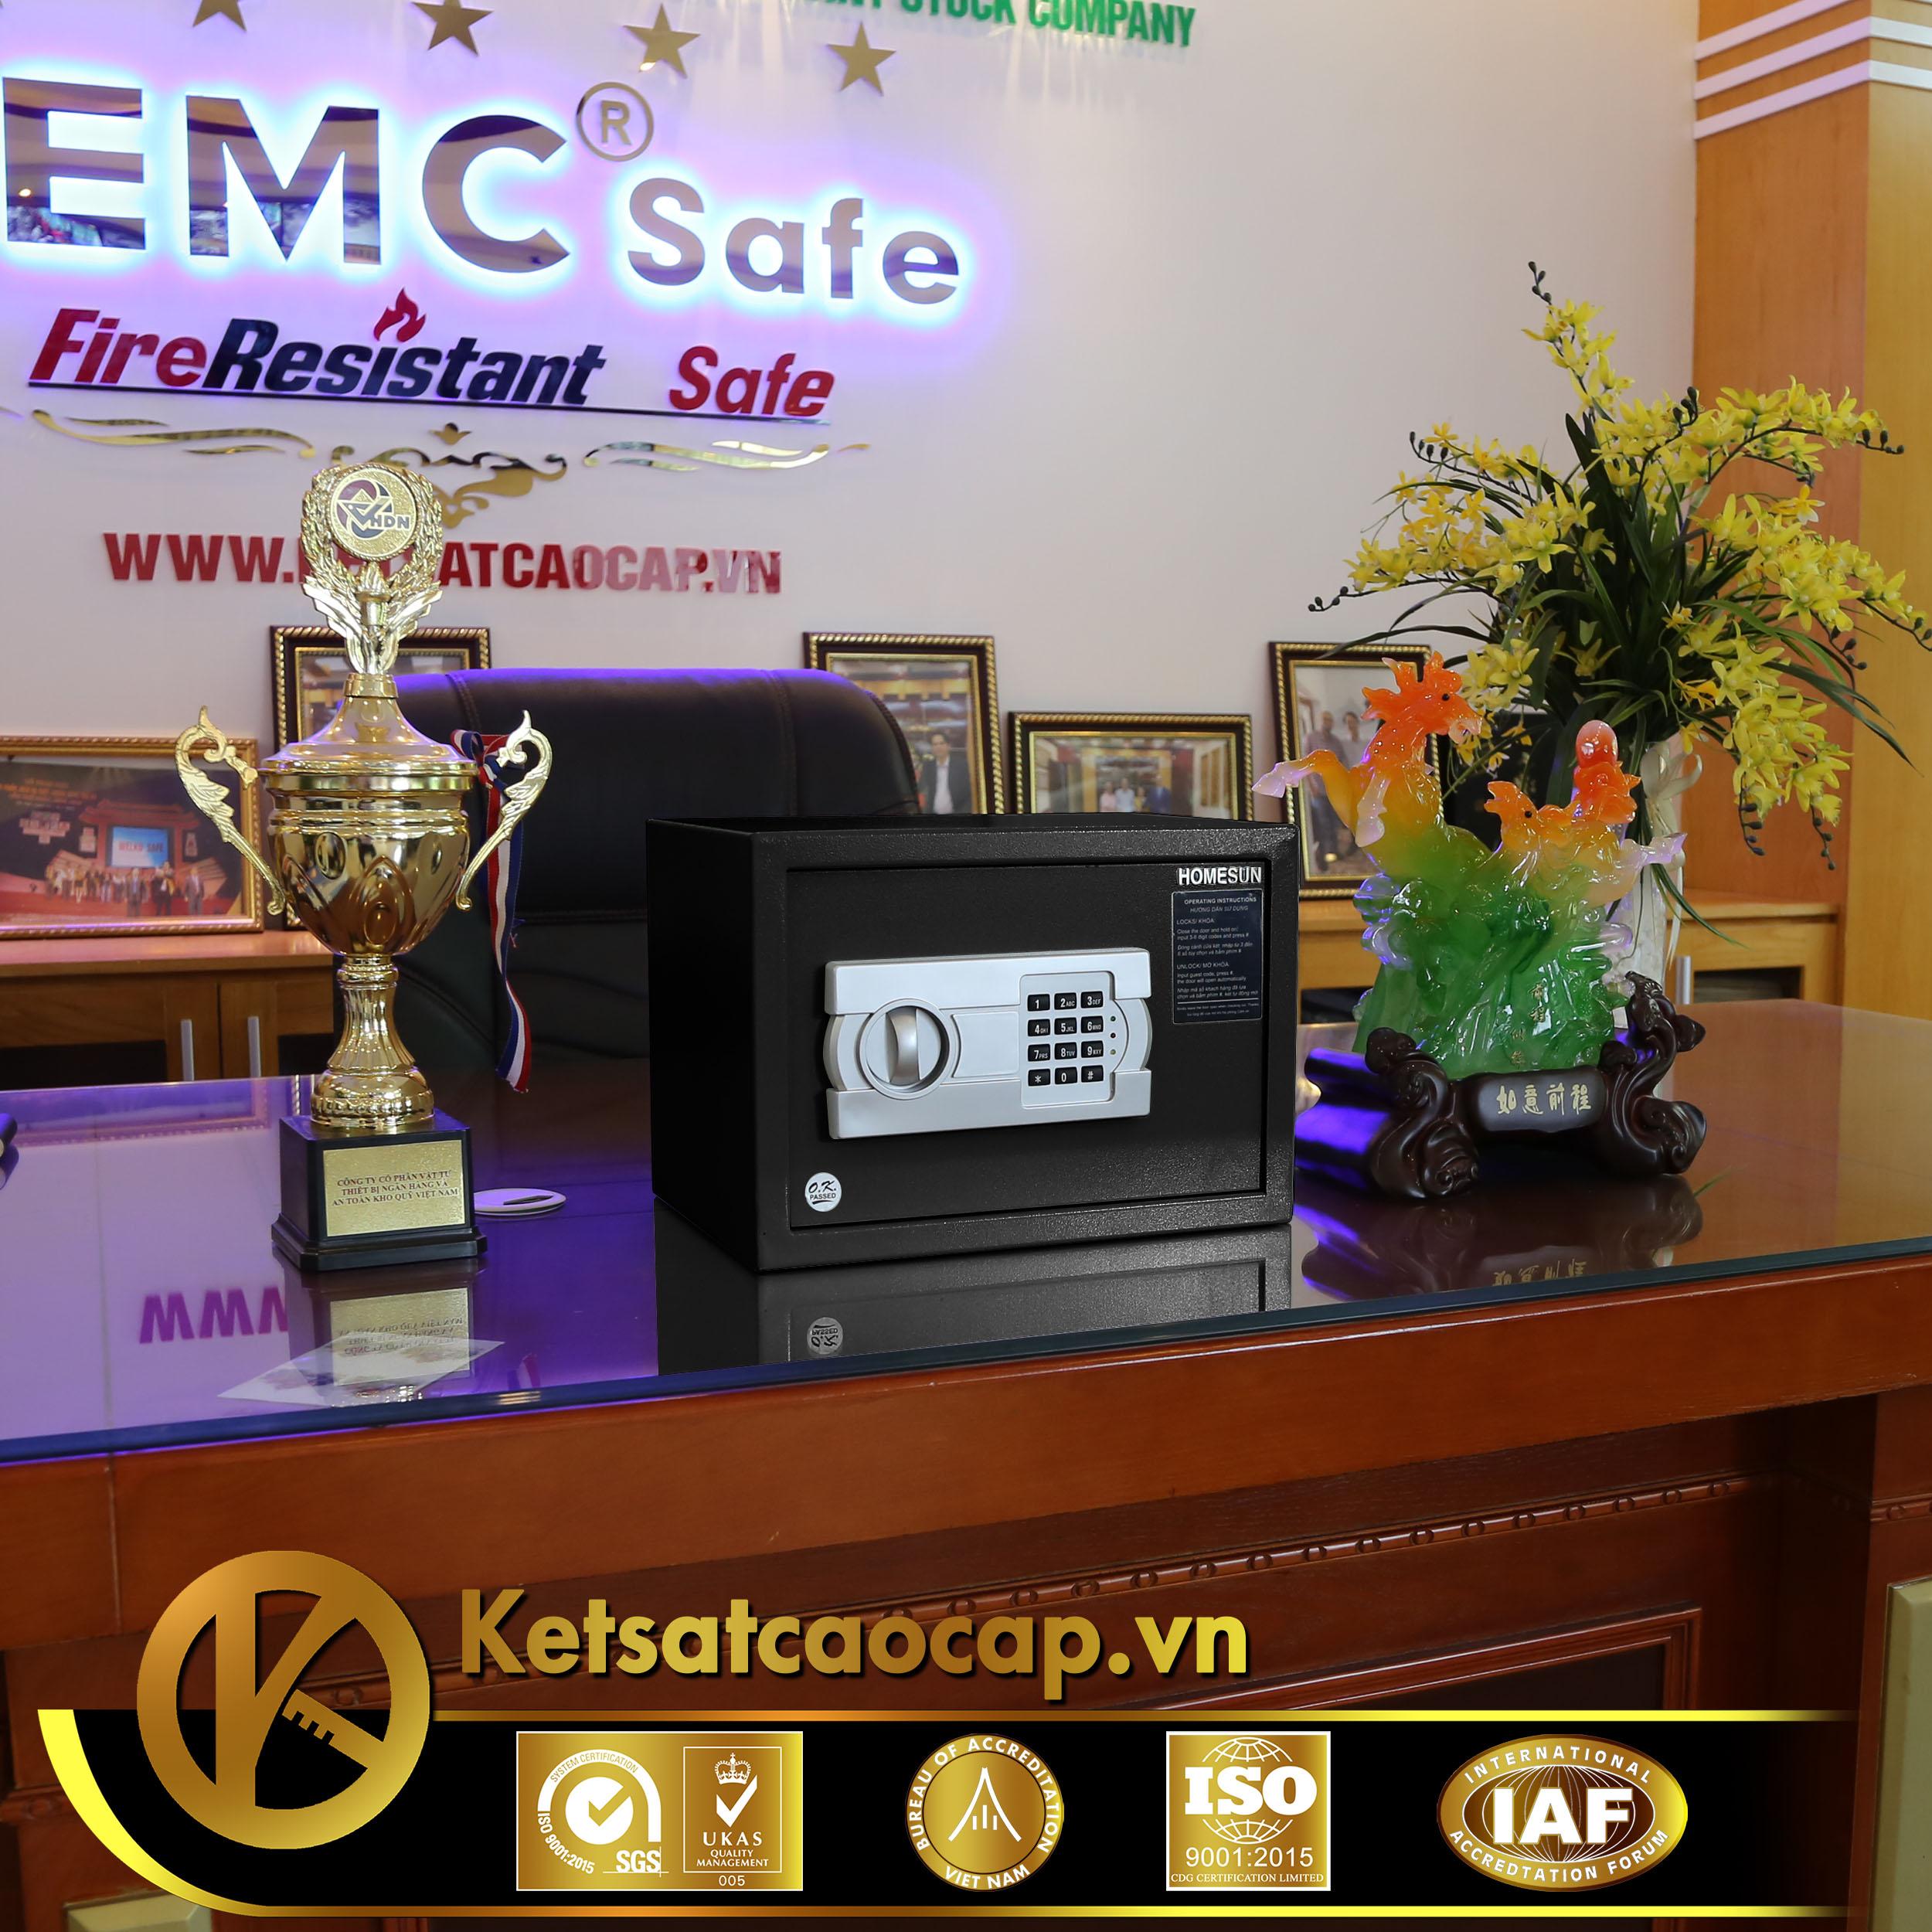 nhà cung cấp két sắt khách sạn căn hộ Condotel Phú Quốc WELKO Safe